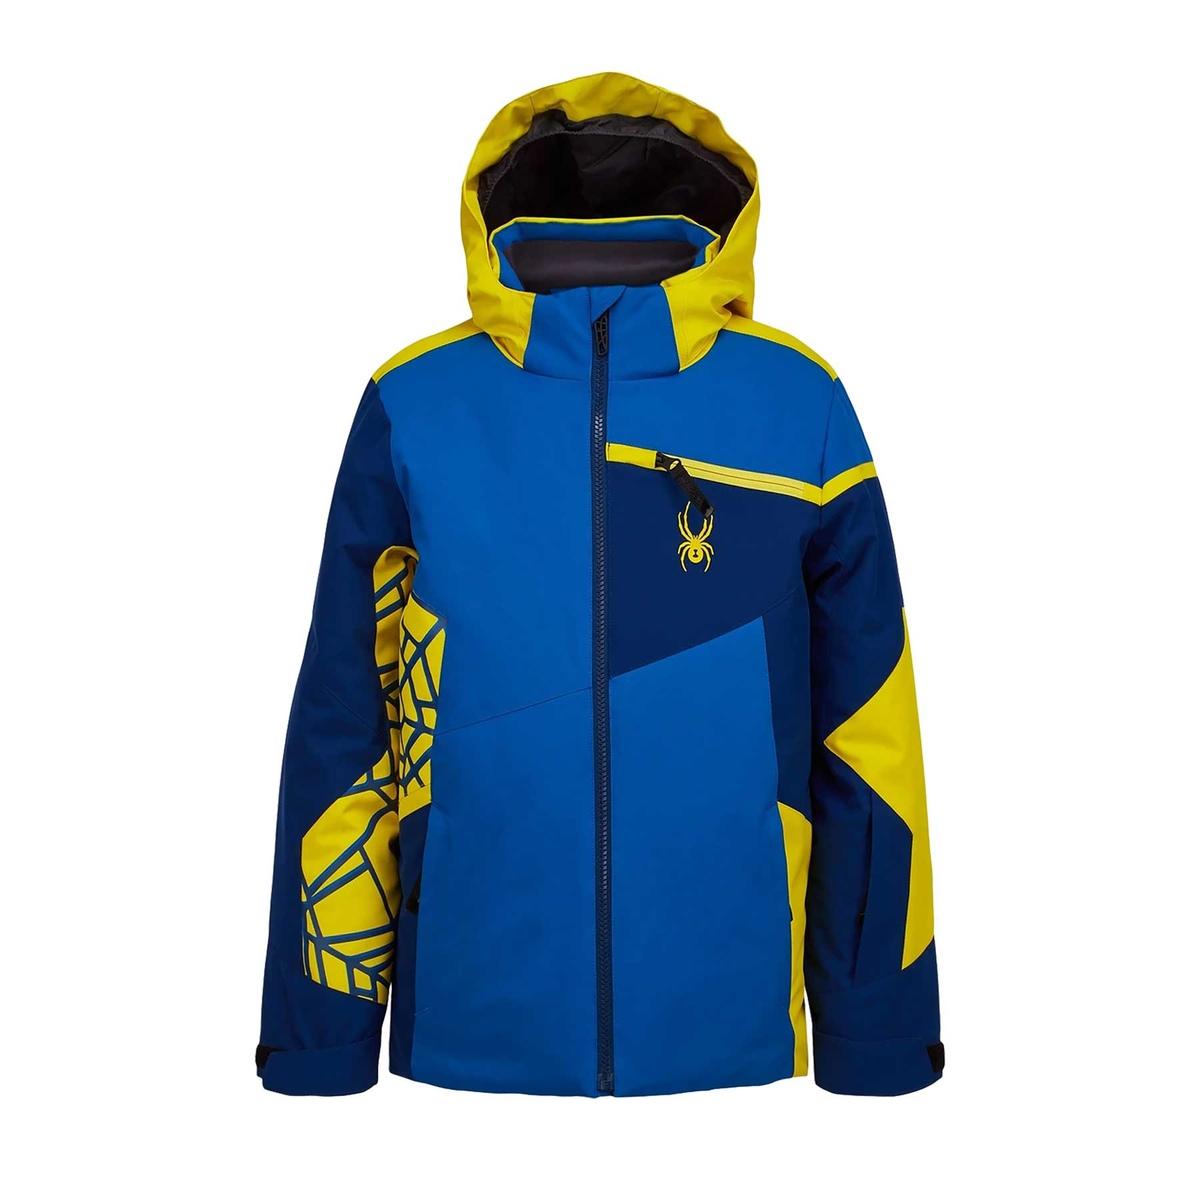 Prezzi Spyder completo giacca challenger + pantaloni propulsion ragazzo